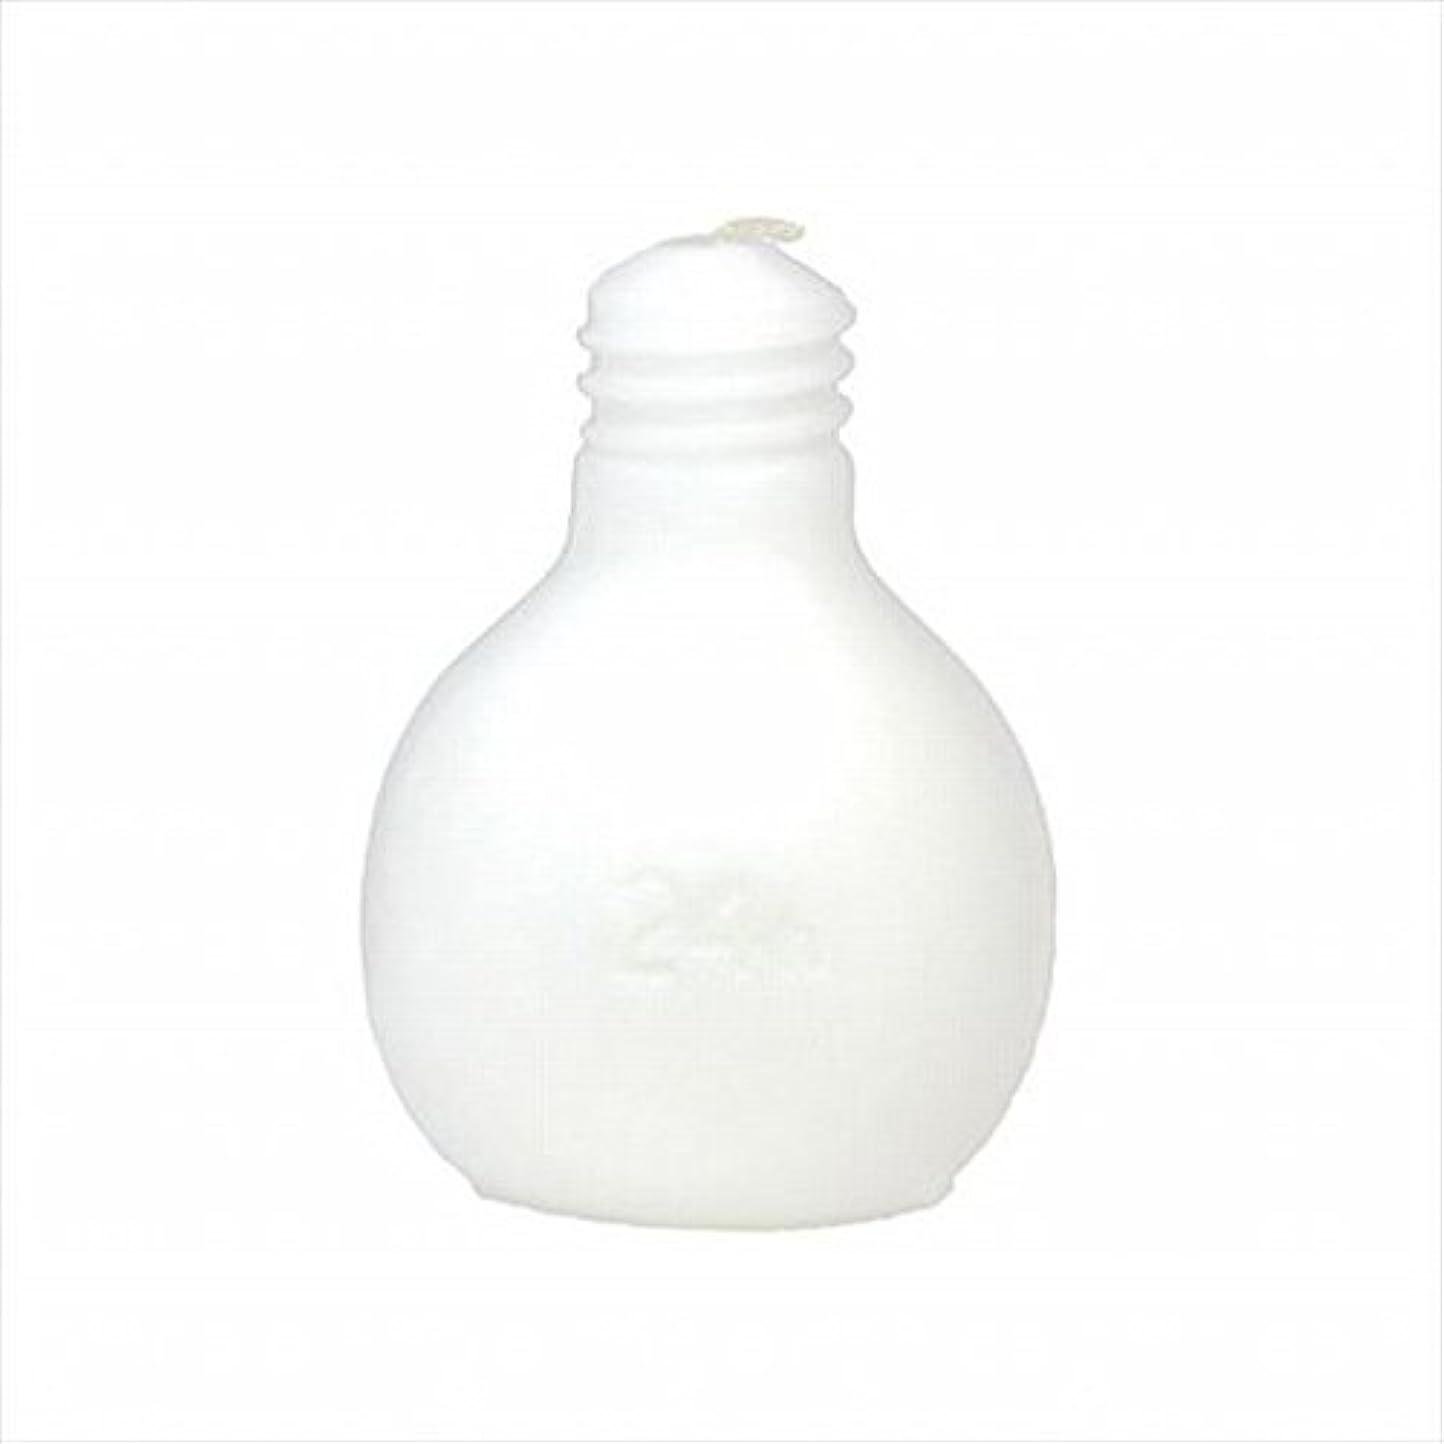 ローブ休暇タイヤkameyama candle(カメヤマキャンドル) 節電球キャンドル 「 ホワイト 」 キャンドル 75x75x98mm (A4220000W)